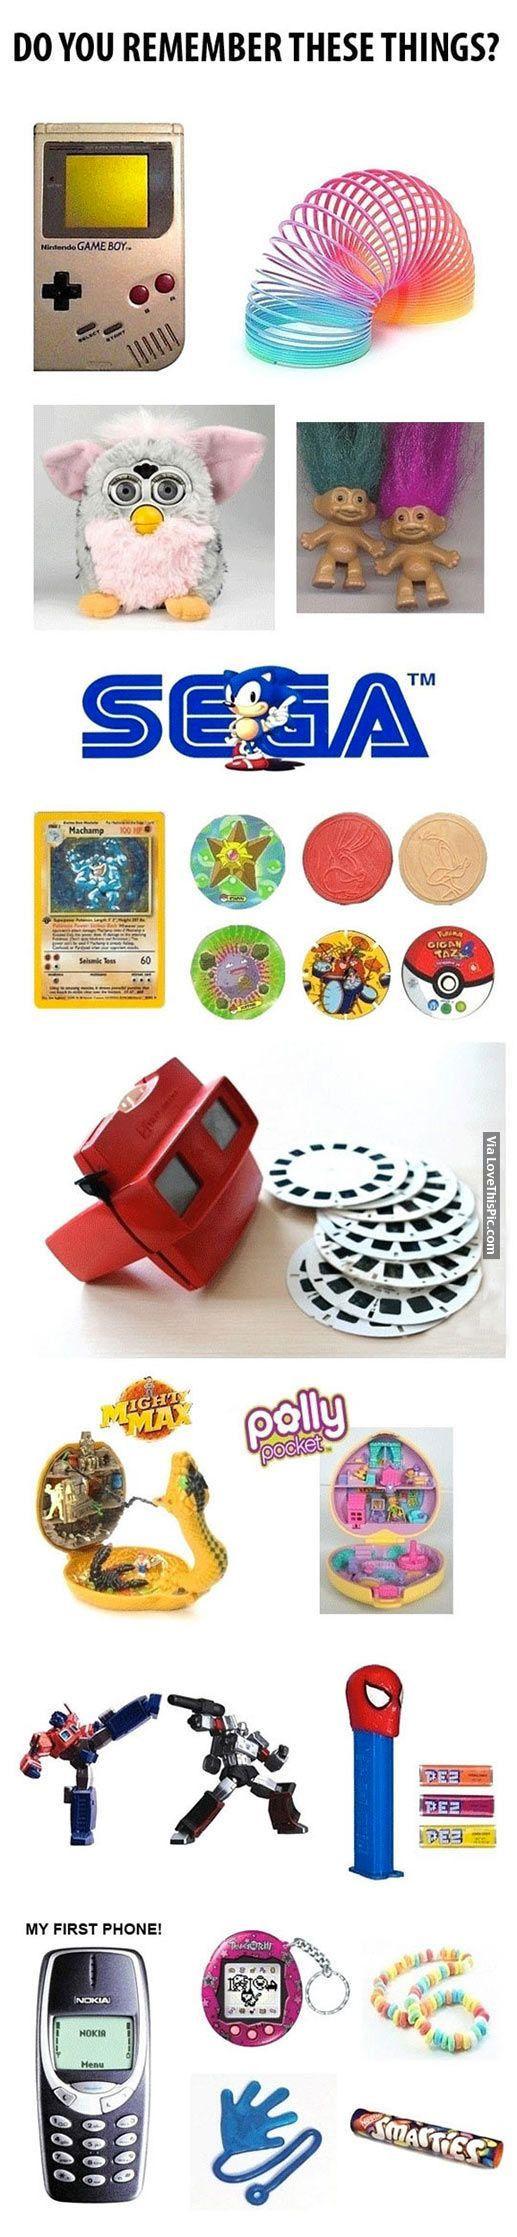 Do You Remember These Things? fun memories toys nostalgia 90s